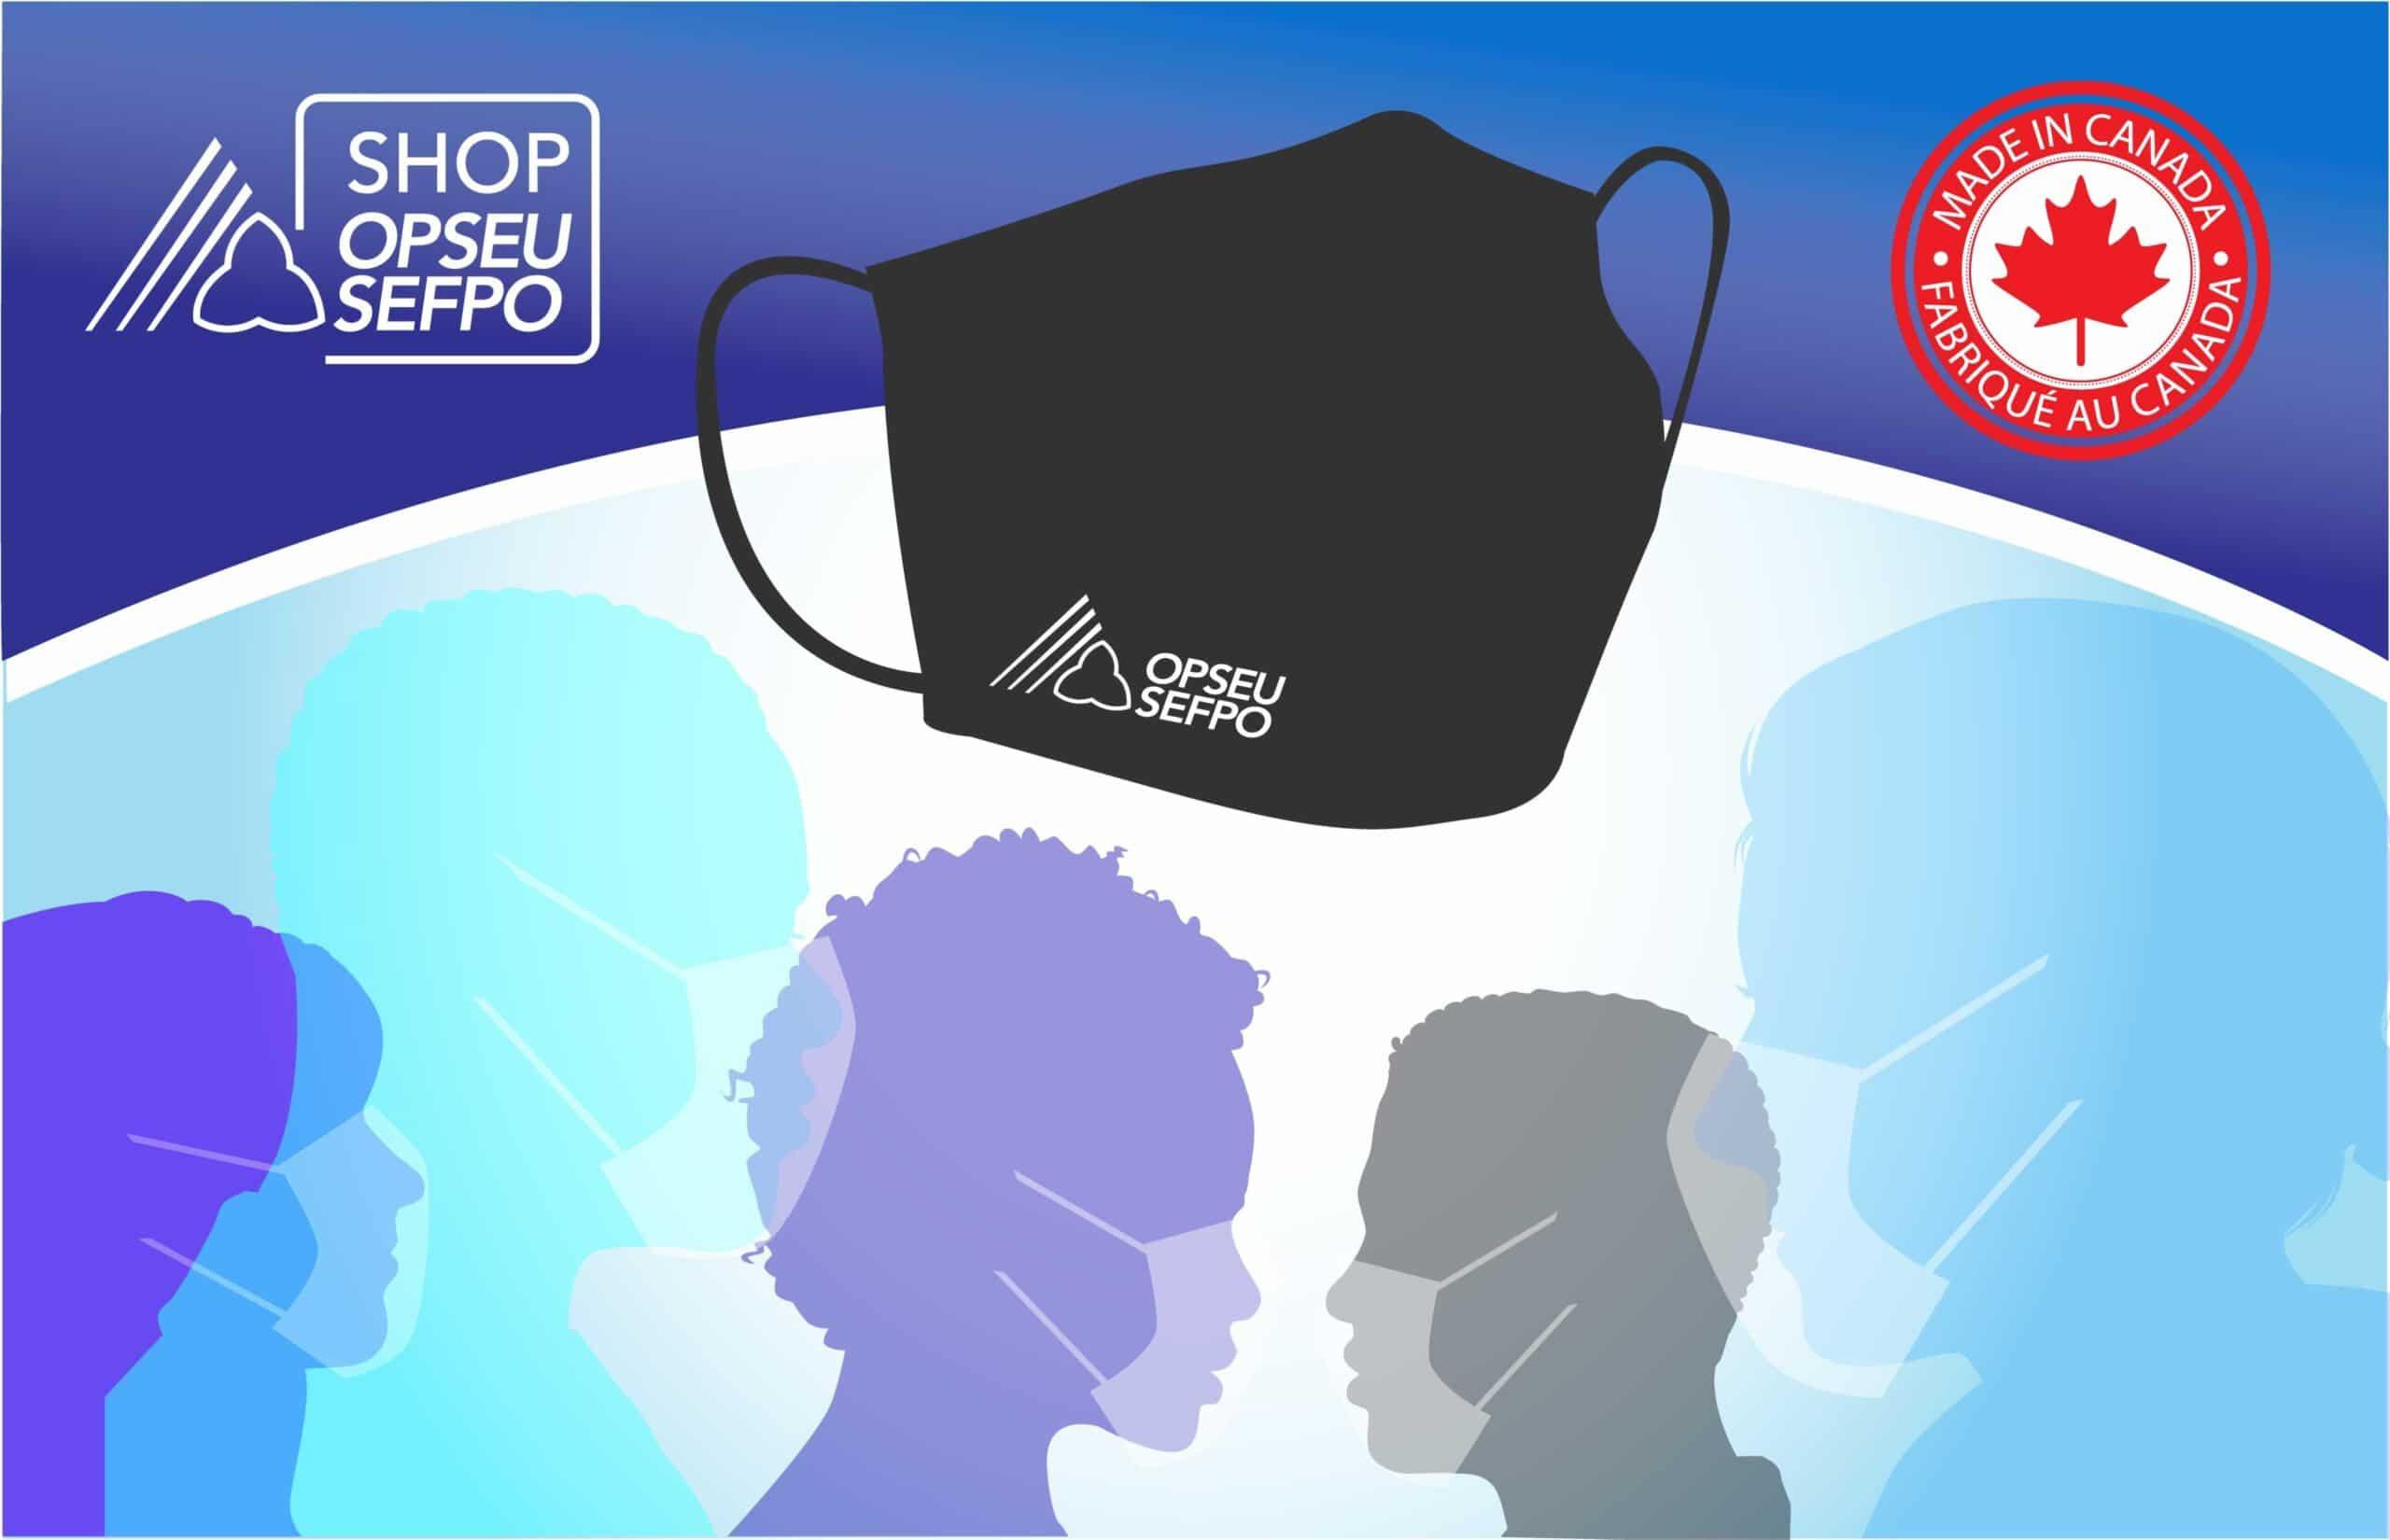 SHOP OPSEU facemasks